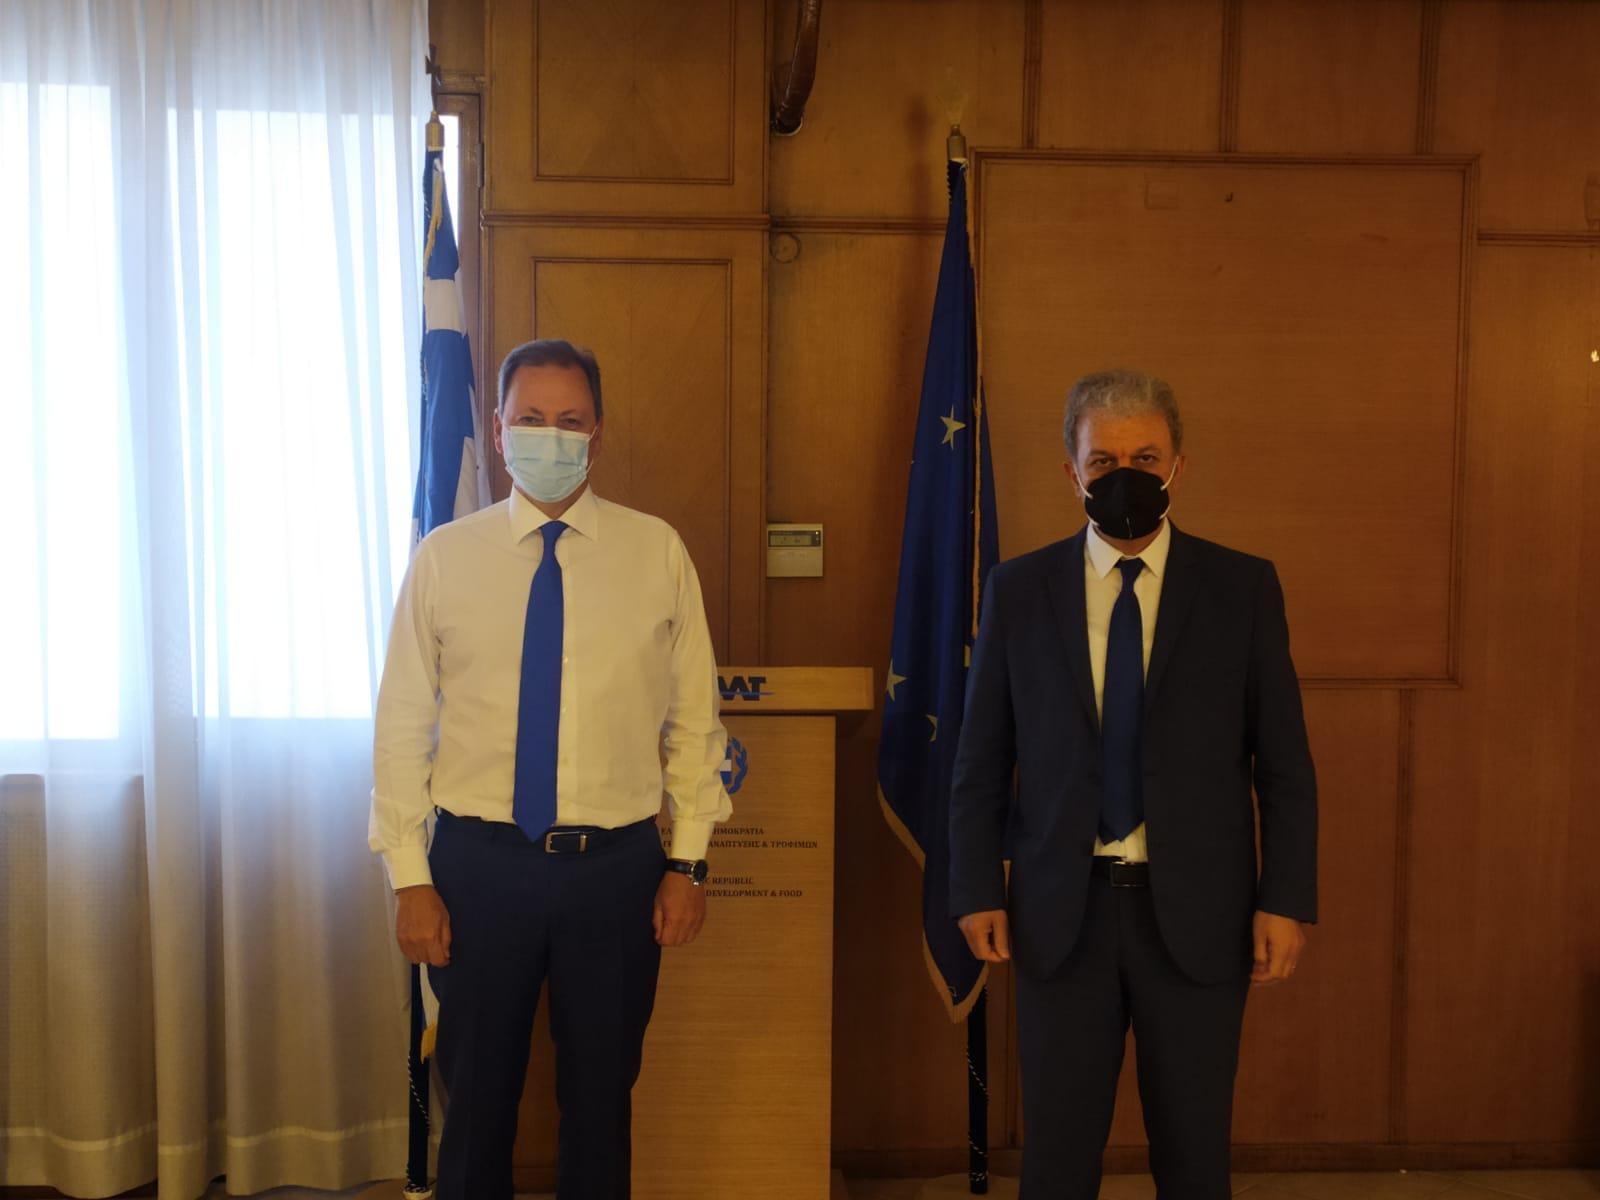 Συνάντηση του Βουλευτή Ν. Κοζάνης κ. Γιώργου Αμανατίδη με τον Υπουργό Αγροτικής Ανάπτυξης και Τροφίμων κ. Σπήλιο Λιβανό – Ποια θέματα, που αφορούν την Π.Ε. Κοζάνης, συζητήθηκαν